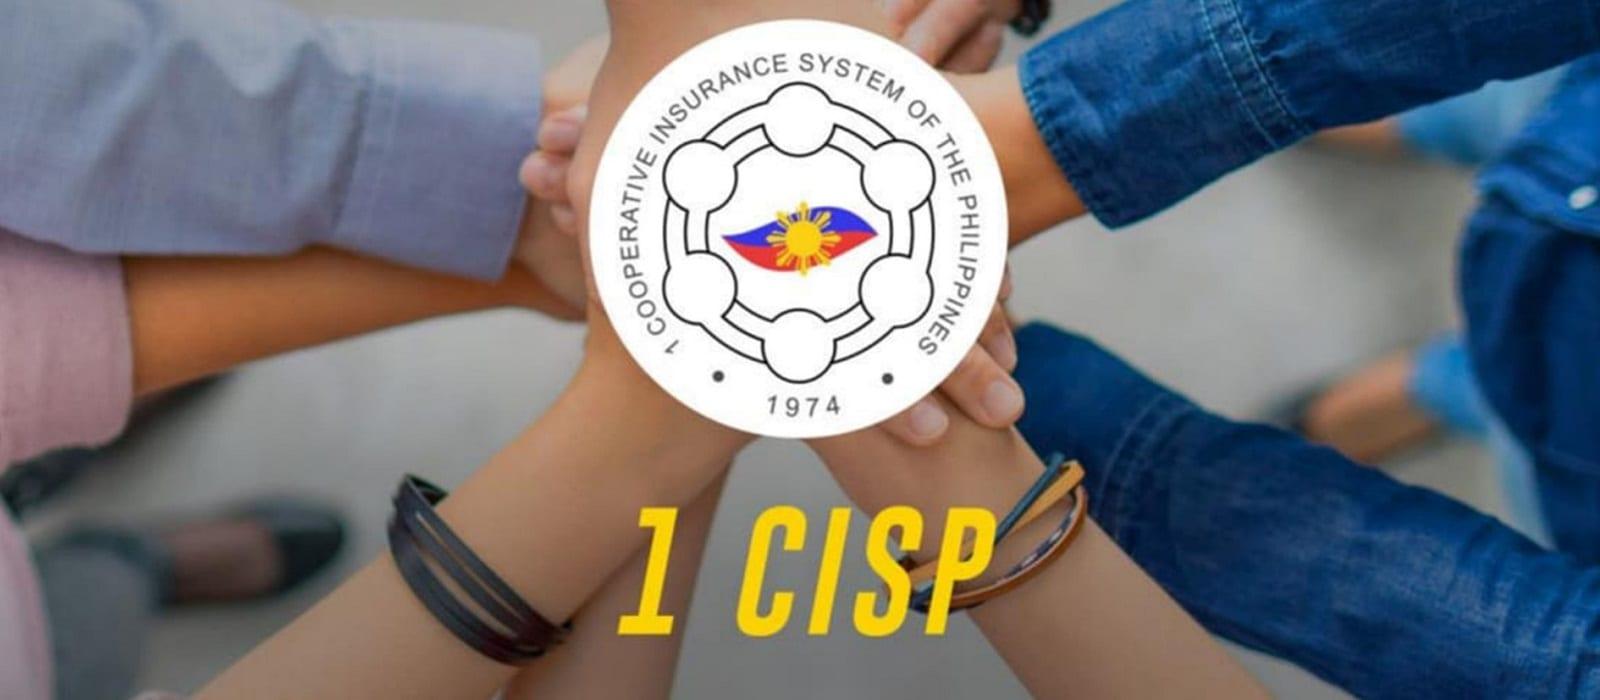 1cisp-covid